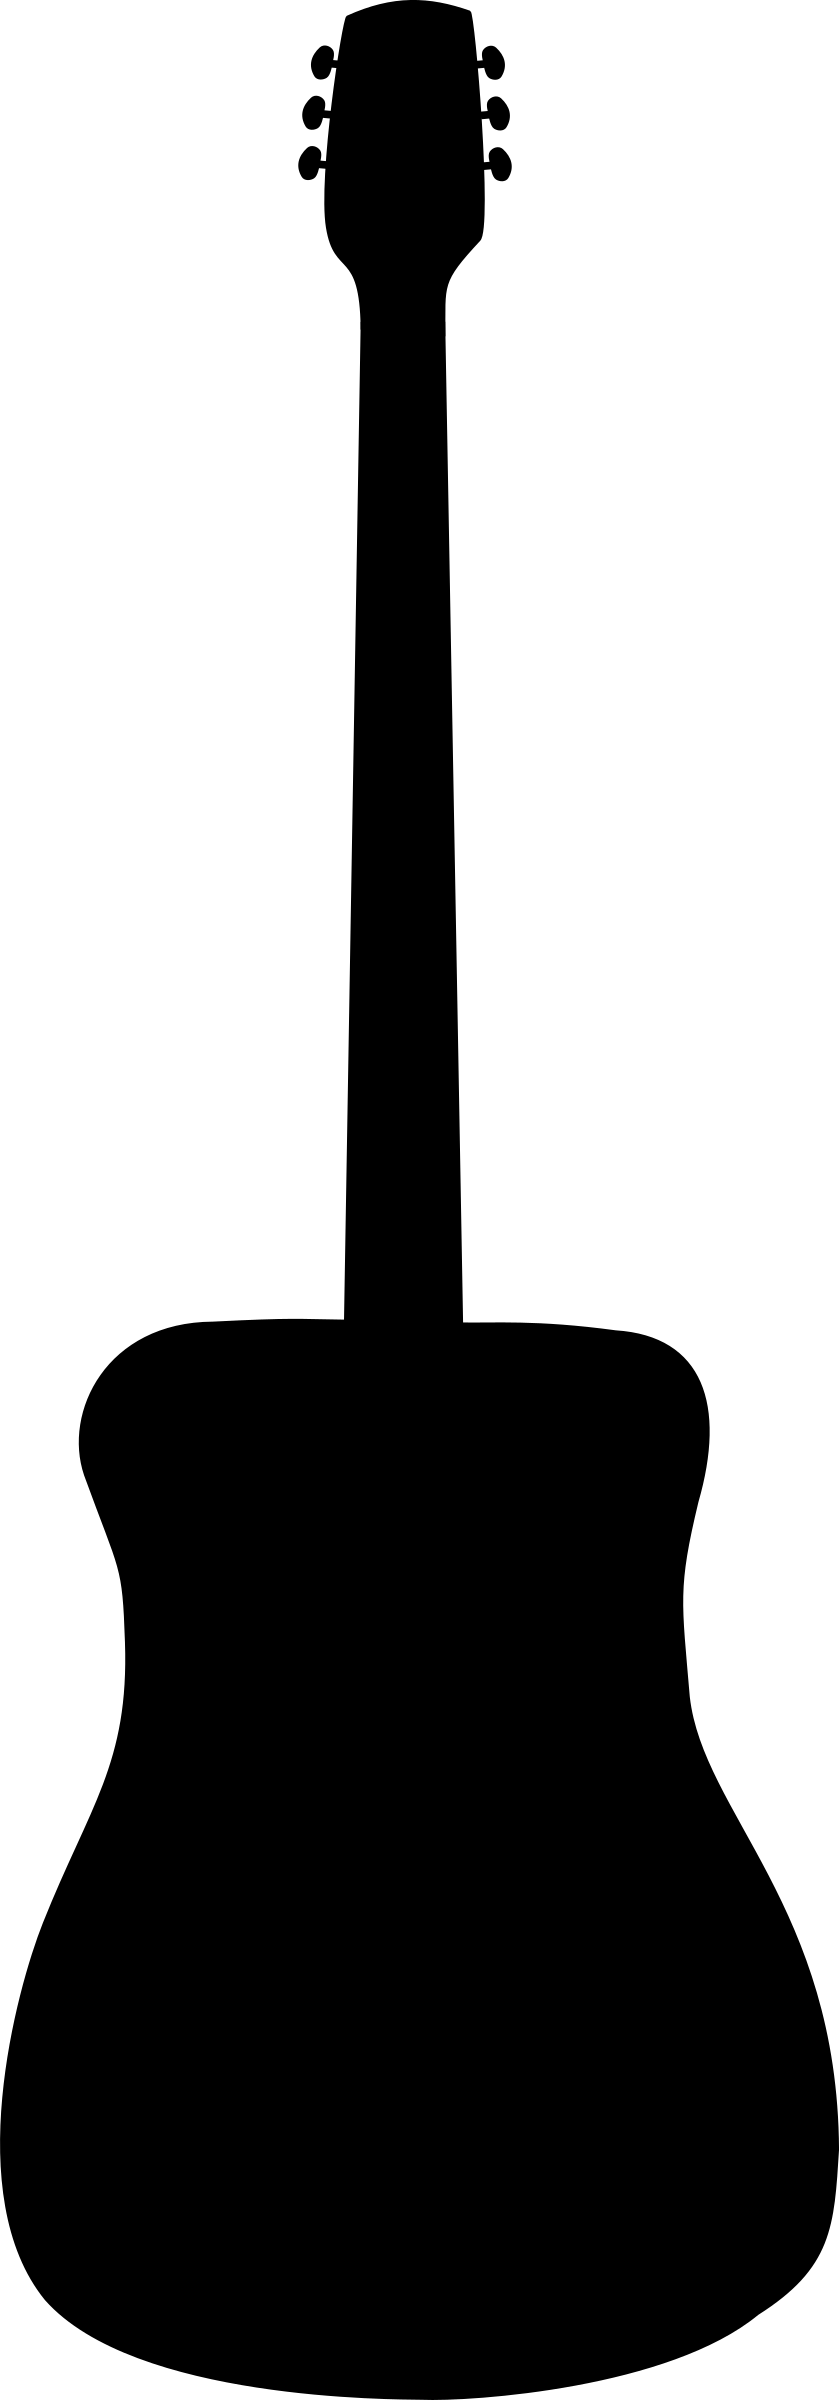 Clipart guitar clip art black. Acoustic silhouette big image